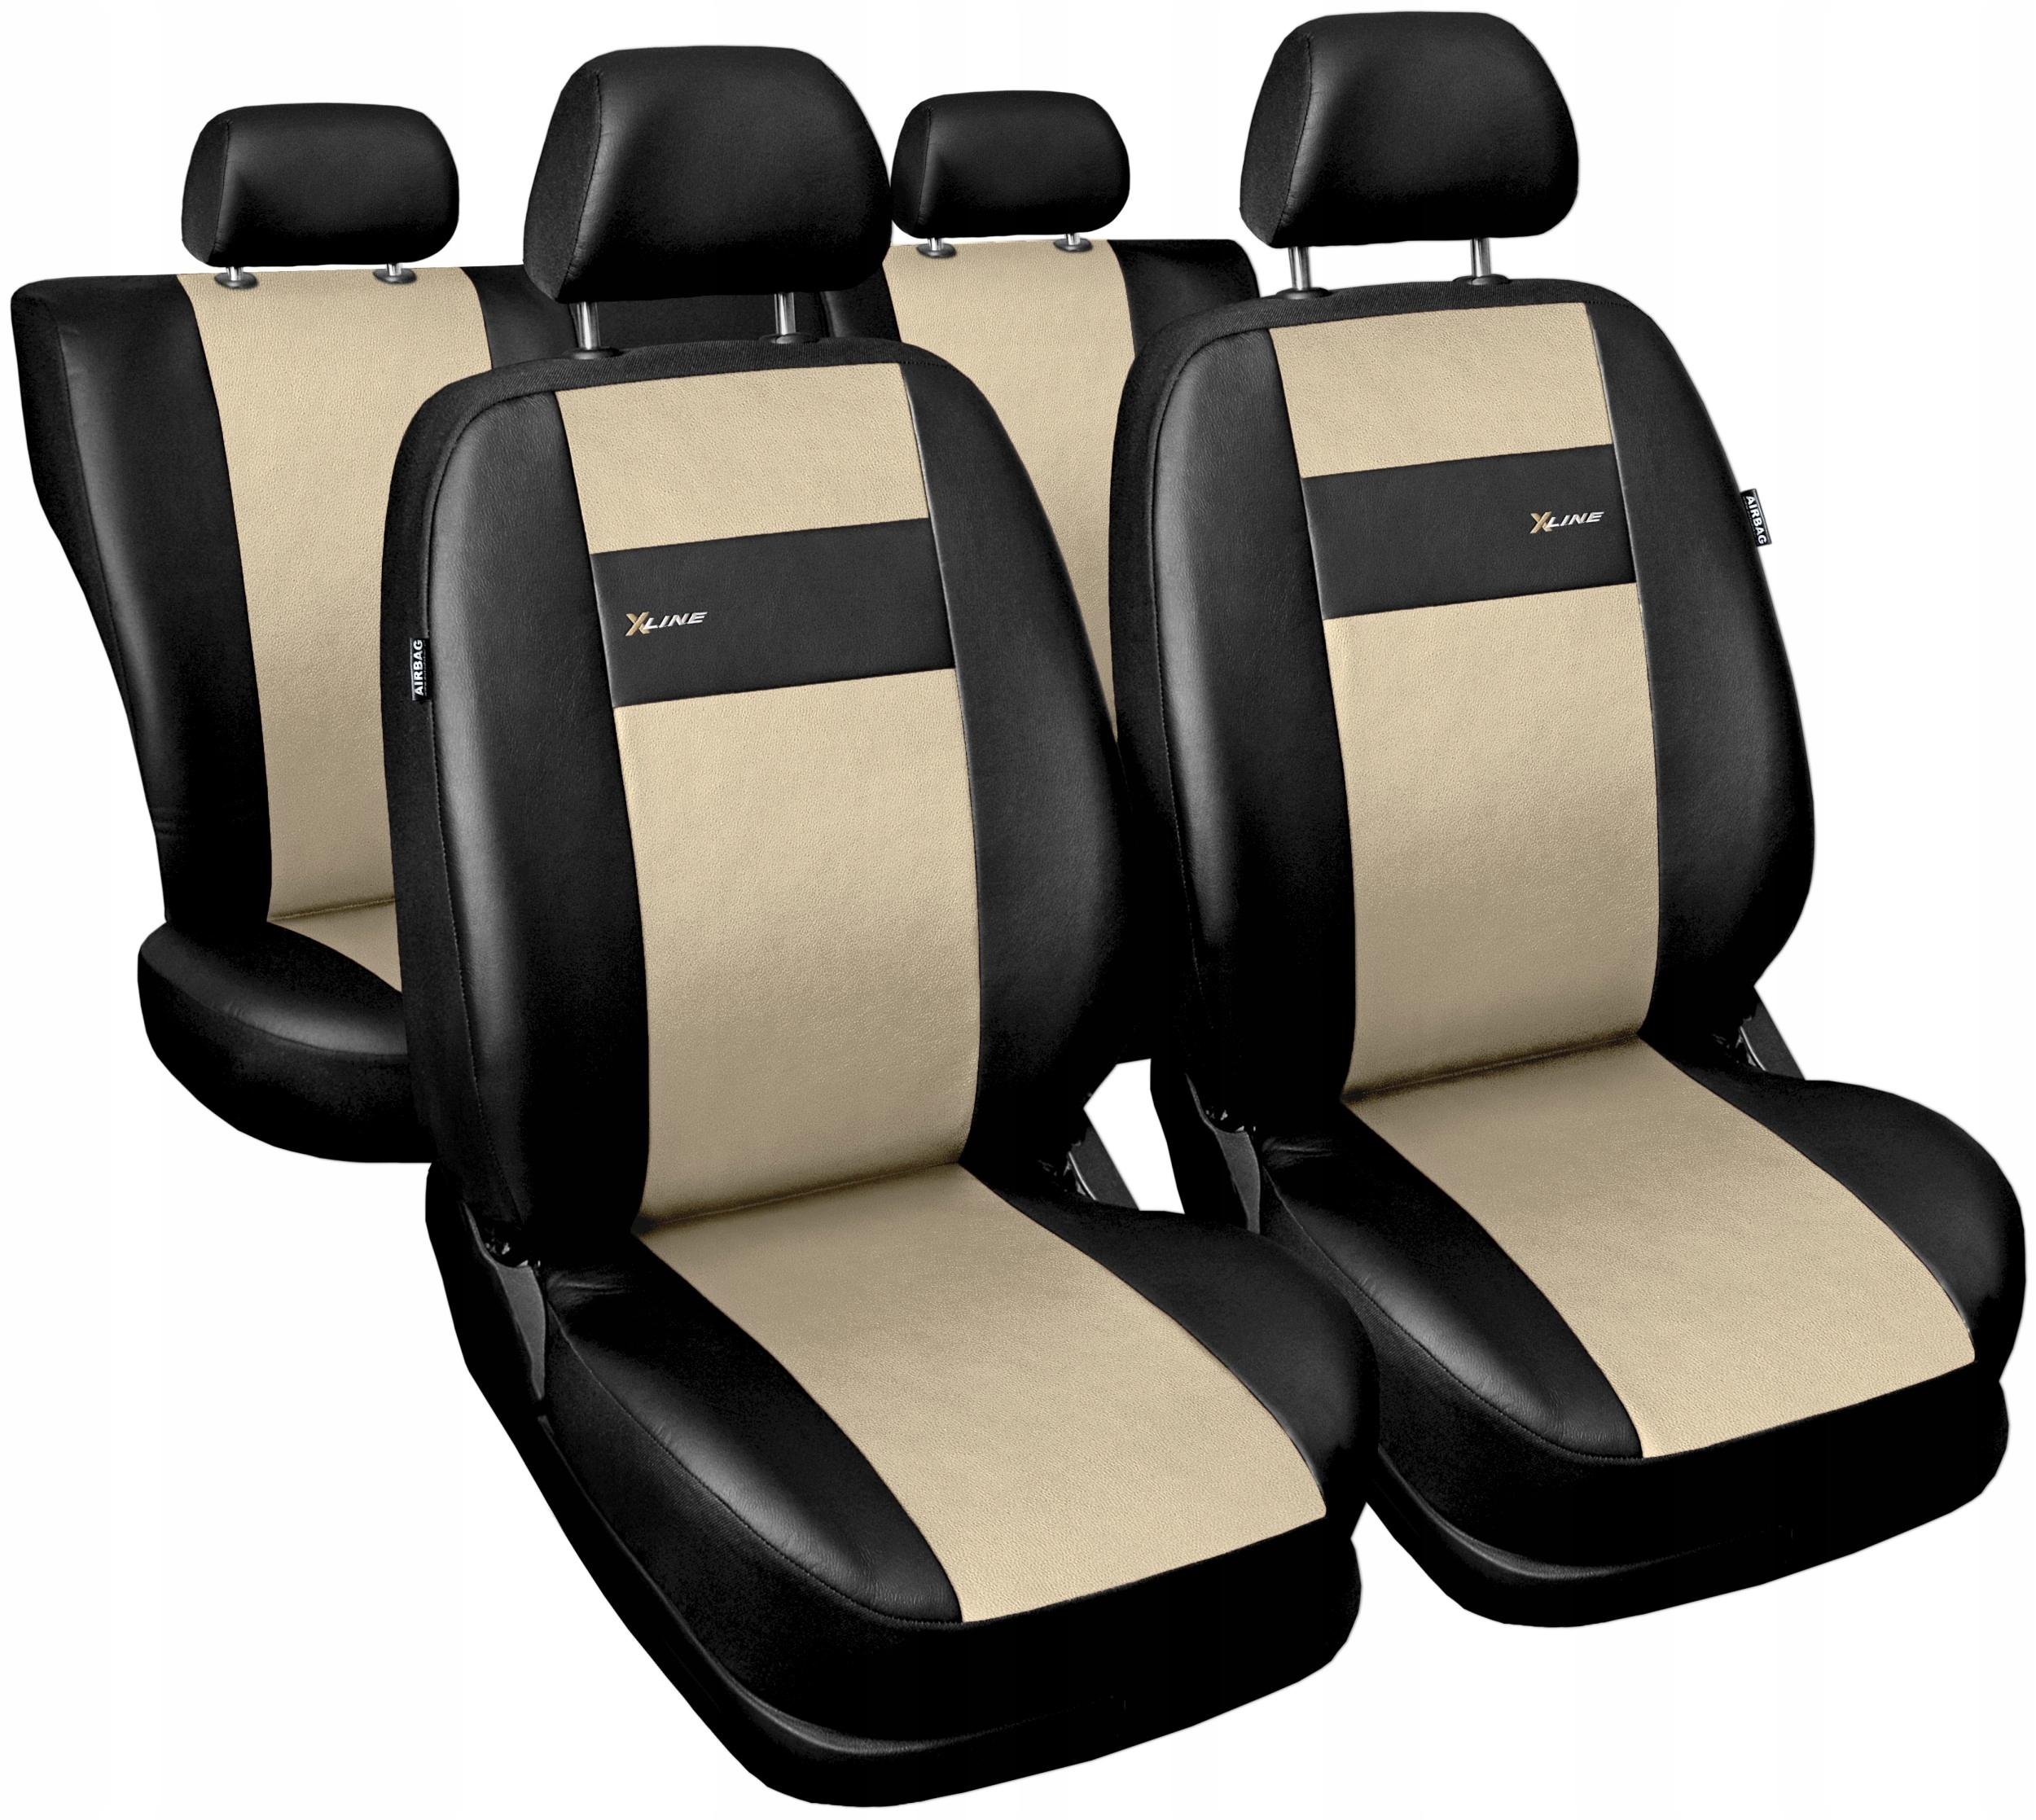 Pokrowce Na Siedzenia Eko Skora X Line Uniwersalne Prostki Allegro Pl